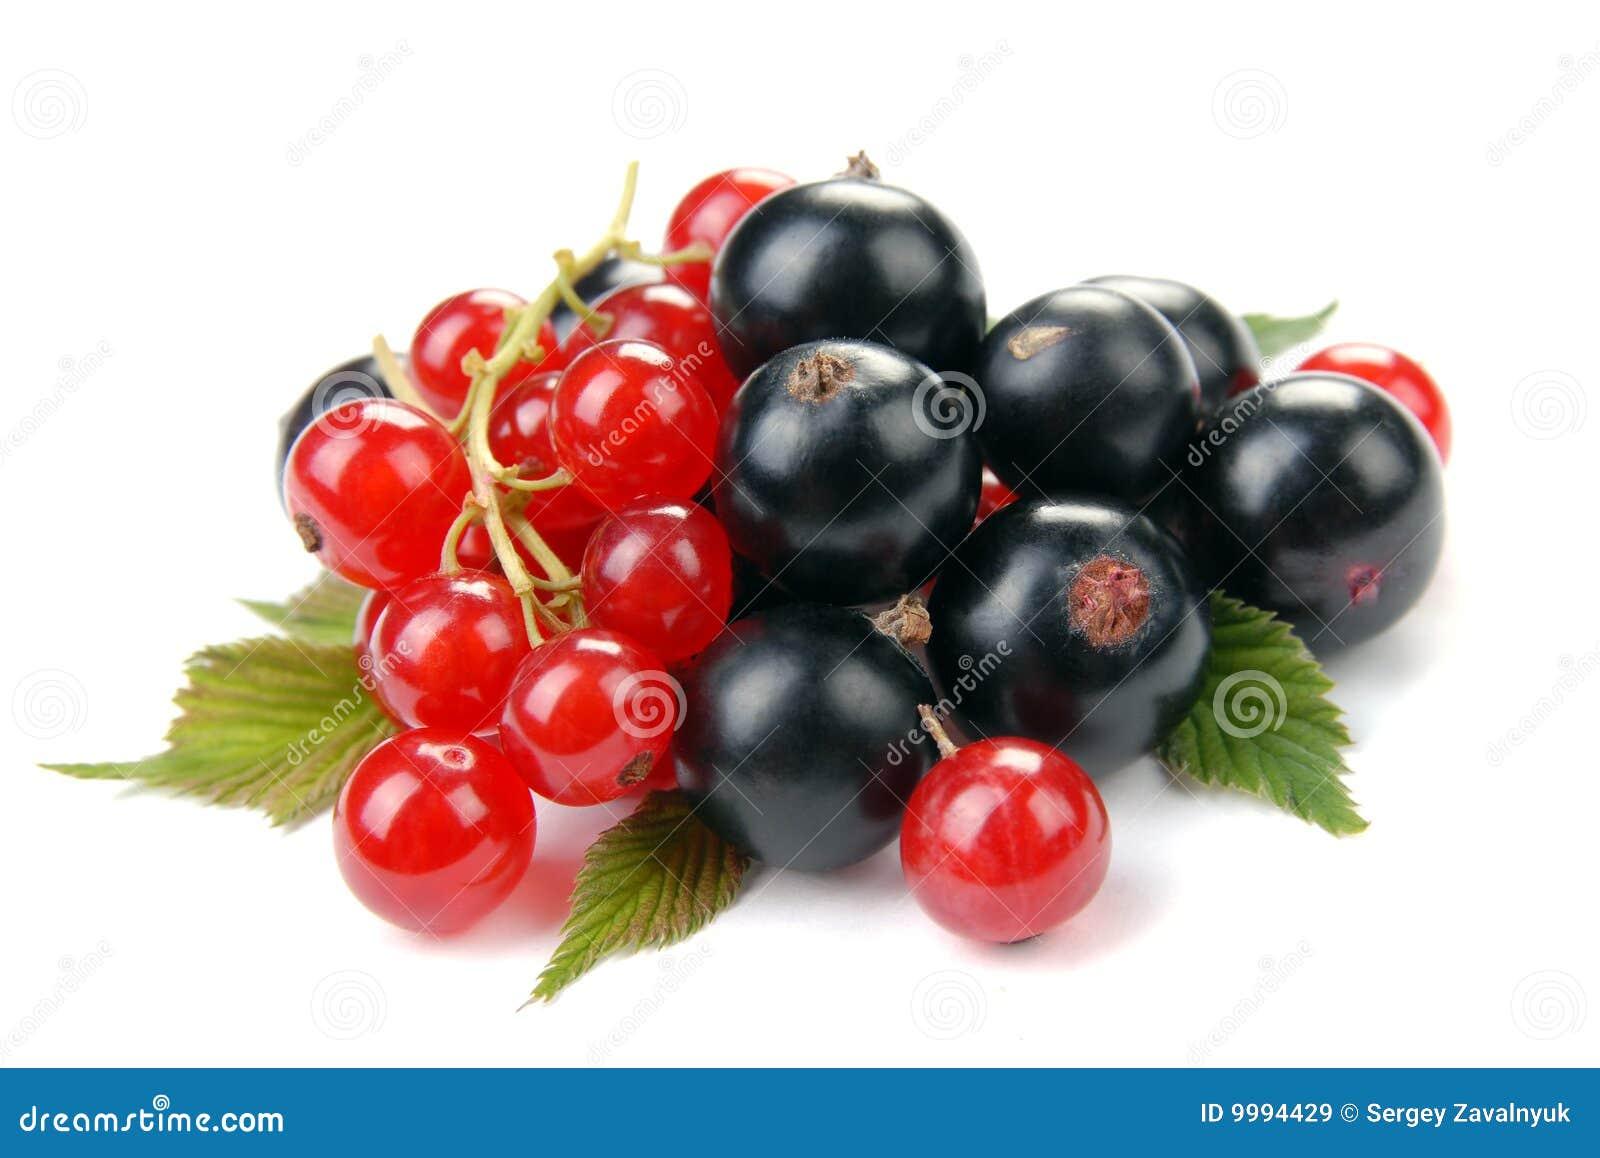 rote und schwarze johannisbeere stockbild bild von. Black Bedroom Furniture Sets. Home Design Ideas